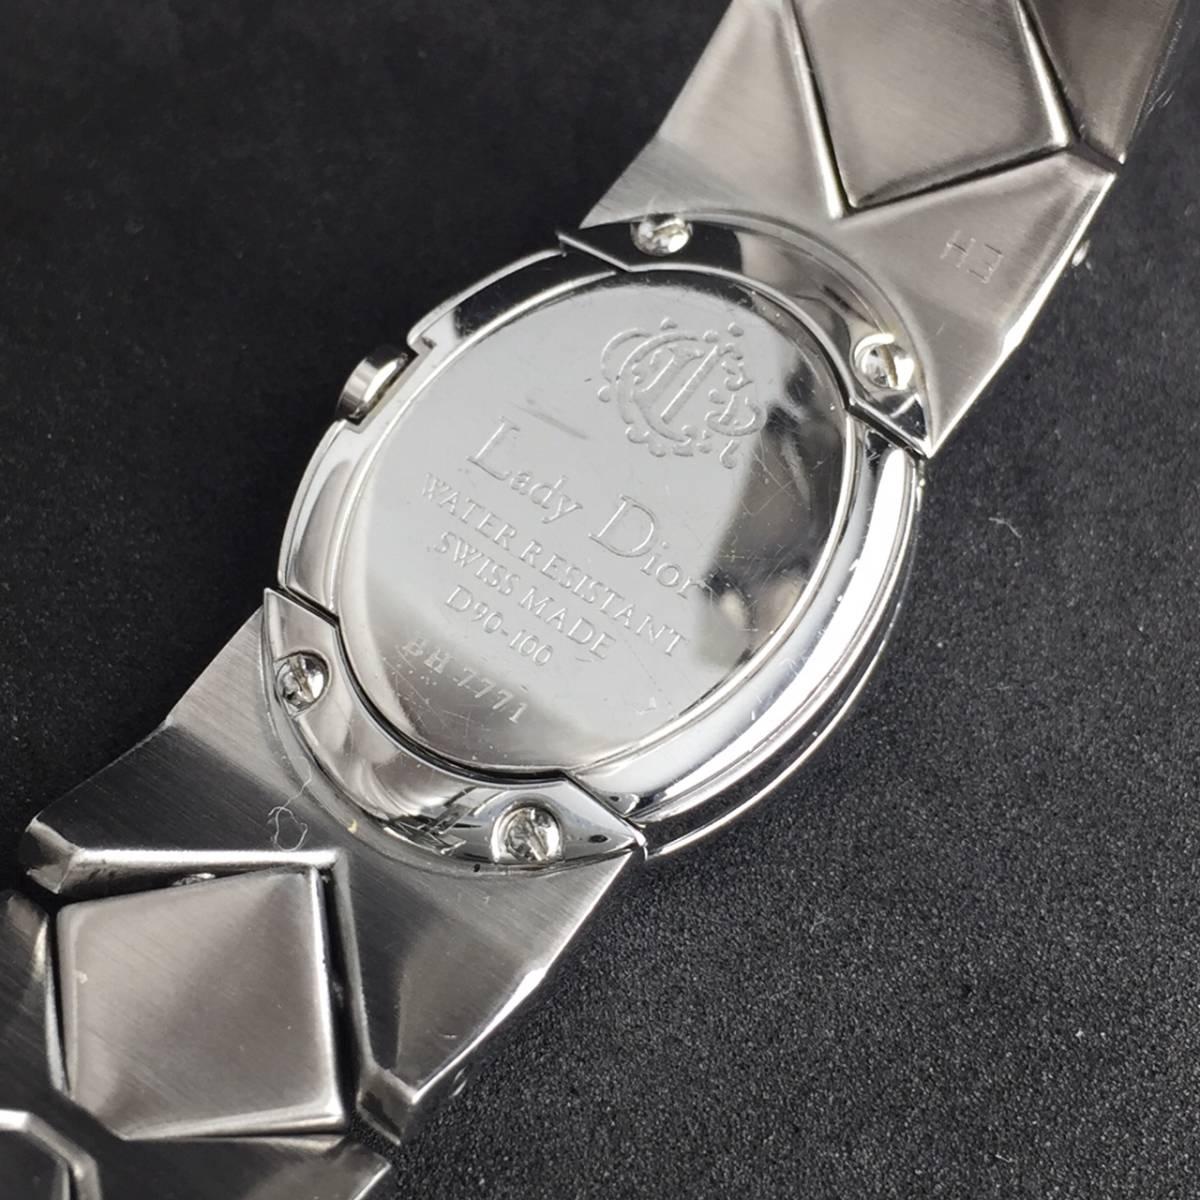 【1円良品】Christian Dior クリスチャン ディオール 腕時計 レディース D90-100 1P ダイヤ シェル文字盤 稼動品_画像8